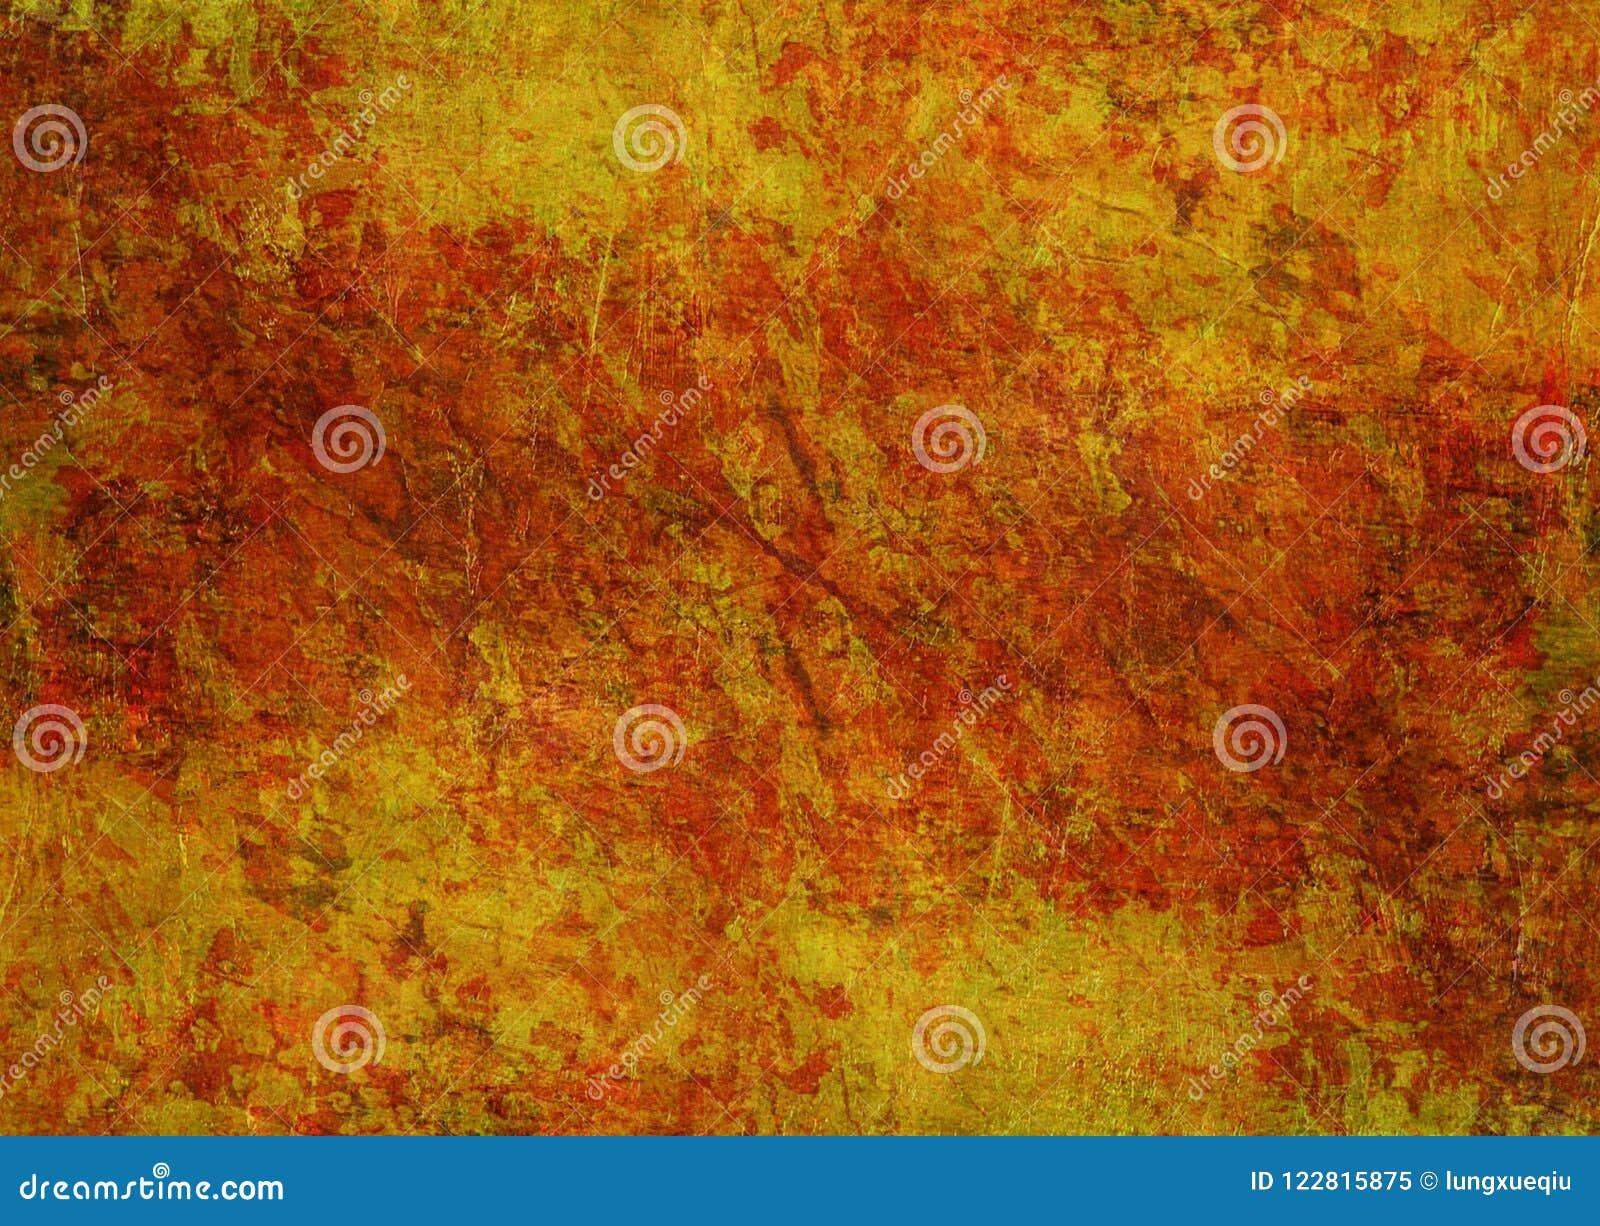 Stenen die Donkere Rusty Distorted Decay Old Abstract Textuur Autumn Background Wallpaper schilderen van Mysticus de Gele Rode Or